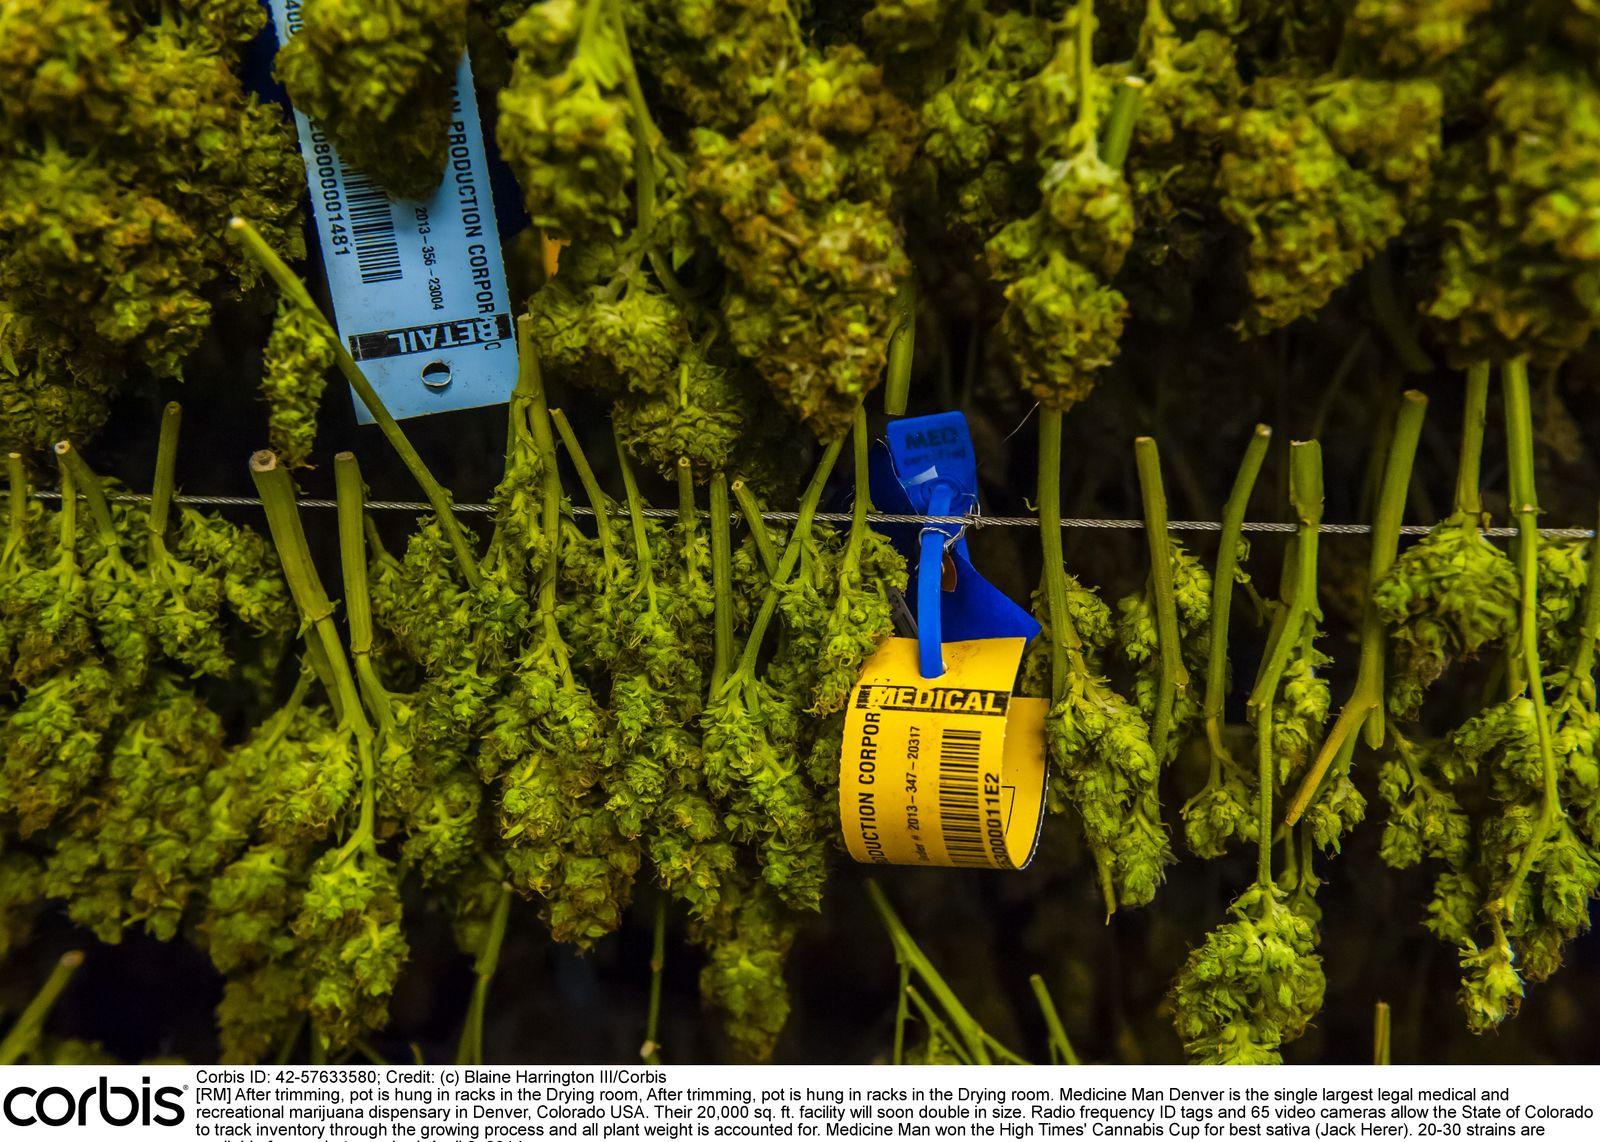 NICHT MEHR VERWENDEN! - Marihuana / Cannabis / Denver